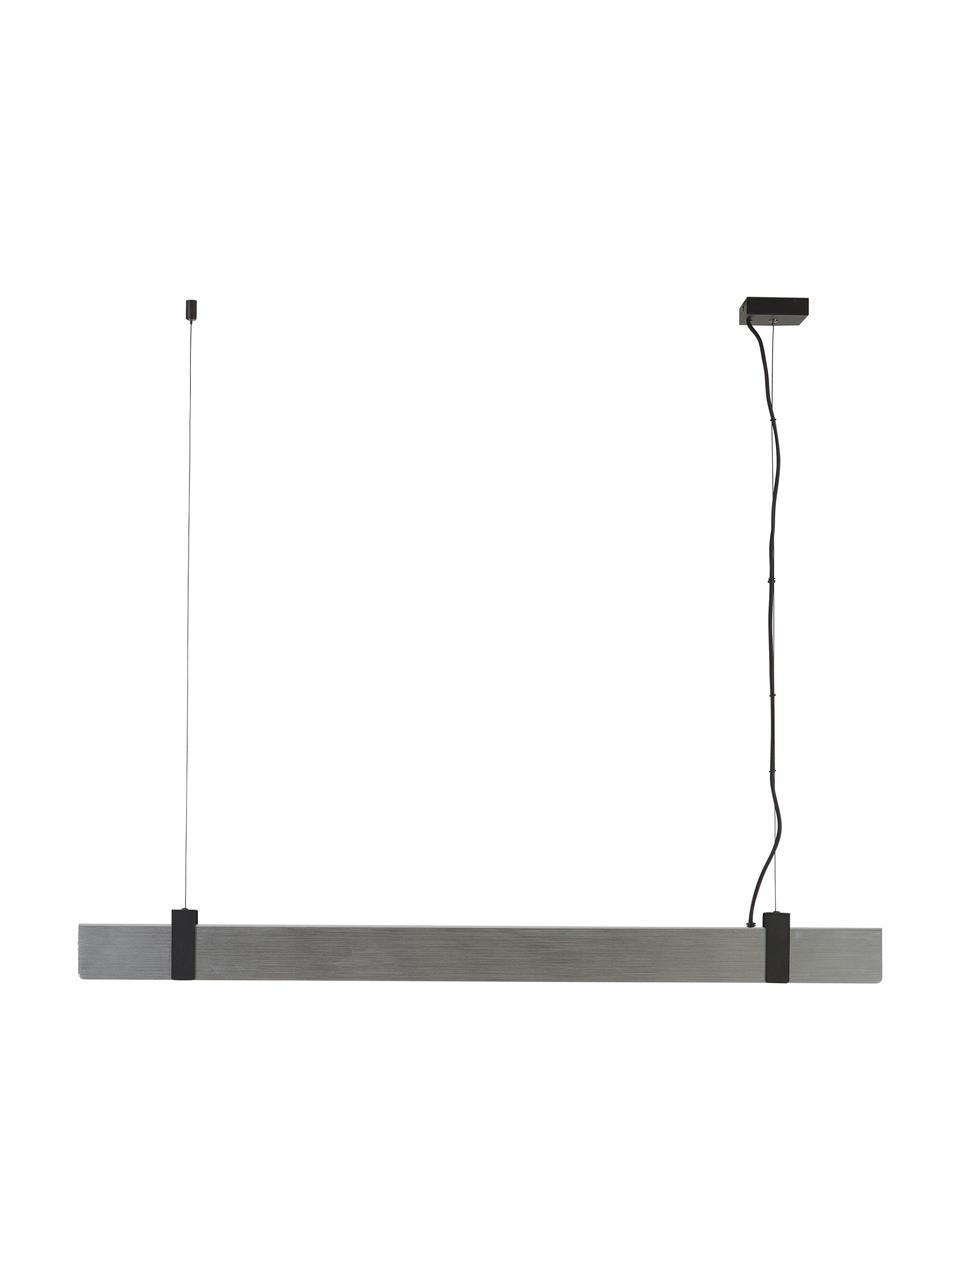 Große Dimmbare LED-Pendelleuchte Lilt, Lampenschirm: Metall, Dekor: Metall, beschichtet, Baldachin: Metall, pulverbeschichtet, Stahl, gebürstet, 115 x 10 cm